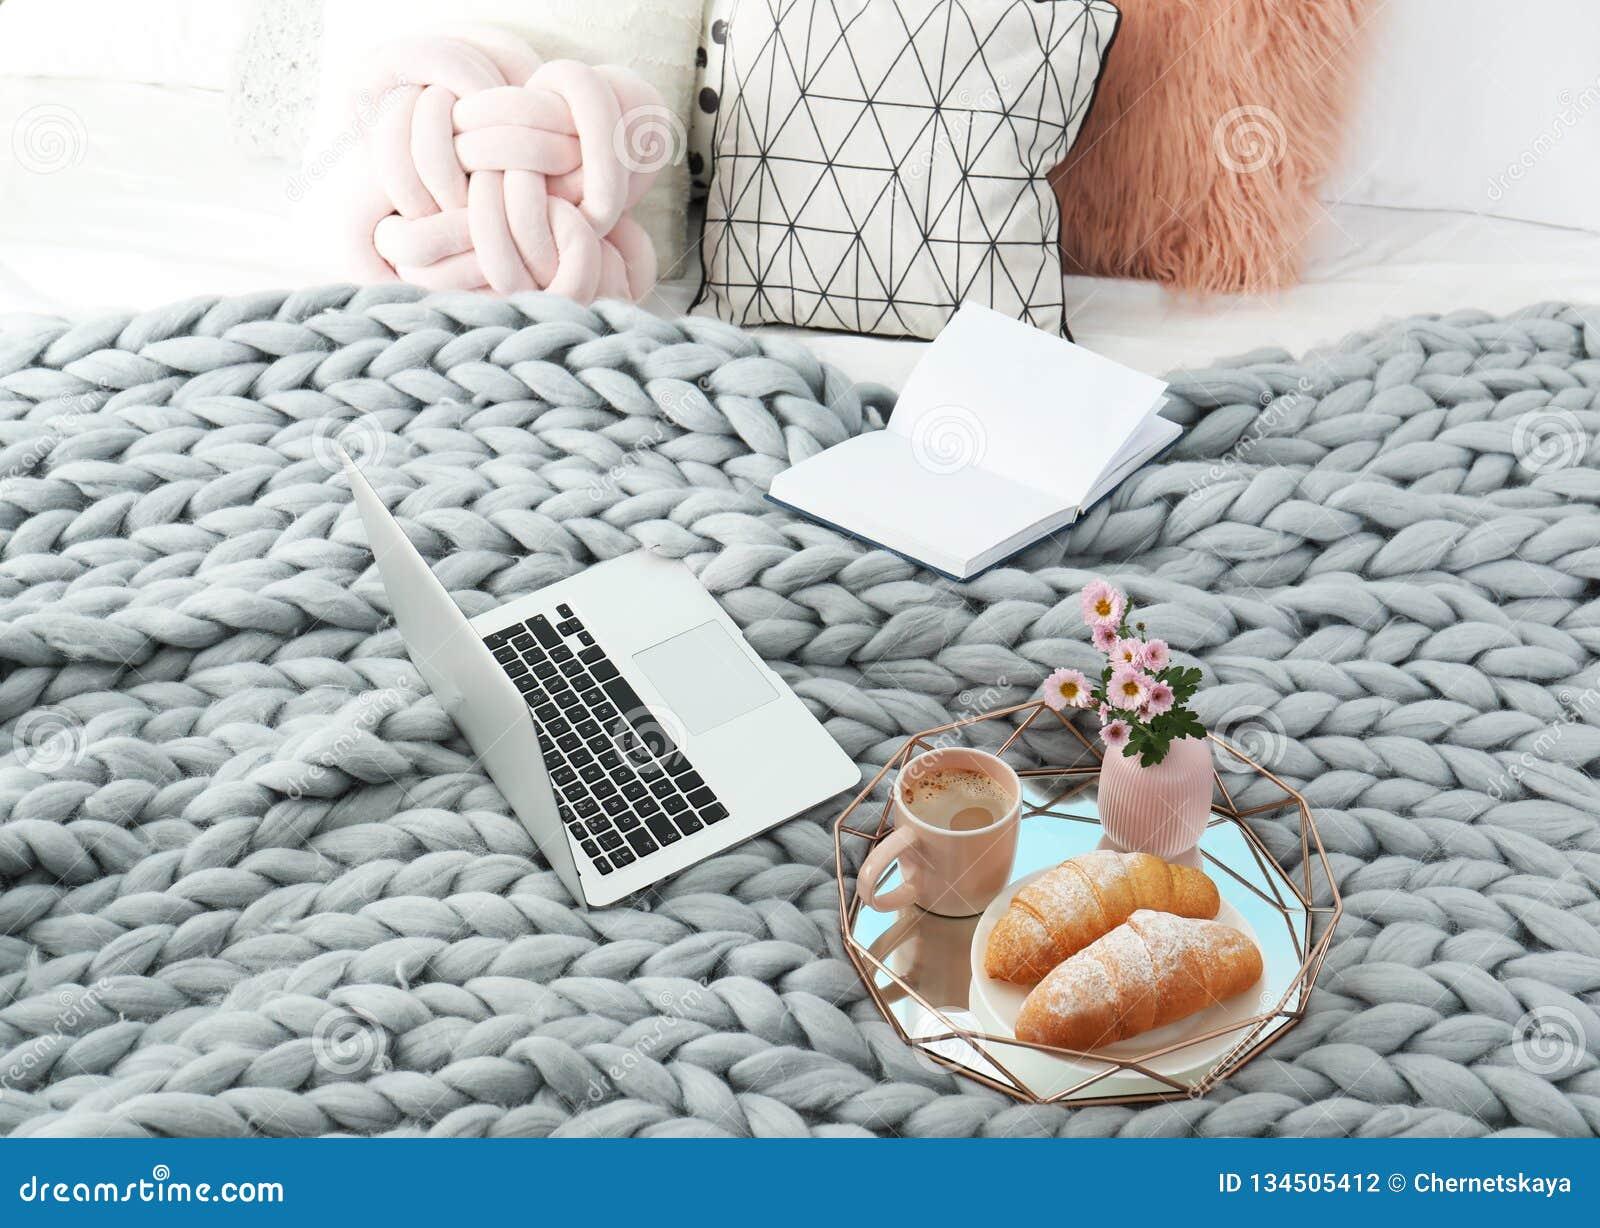 Behälter Mit Geschmackvollem Frühstück Laptop Und Buch Stockfoto